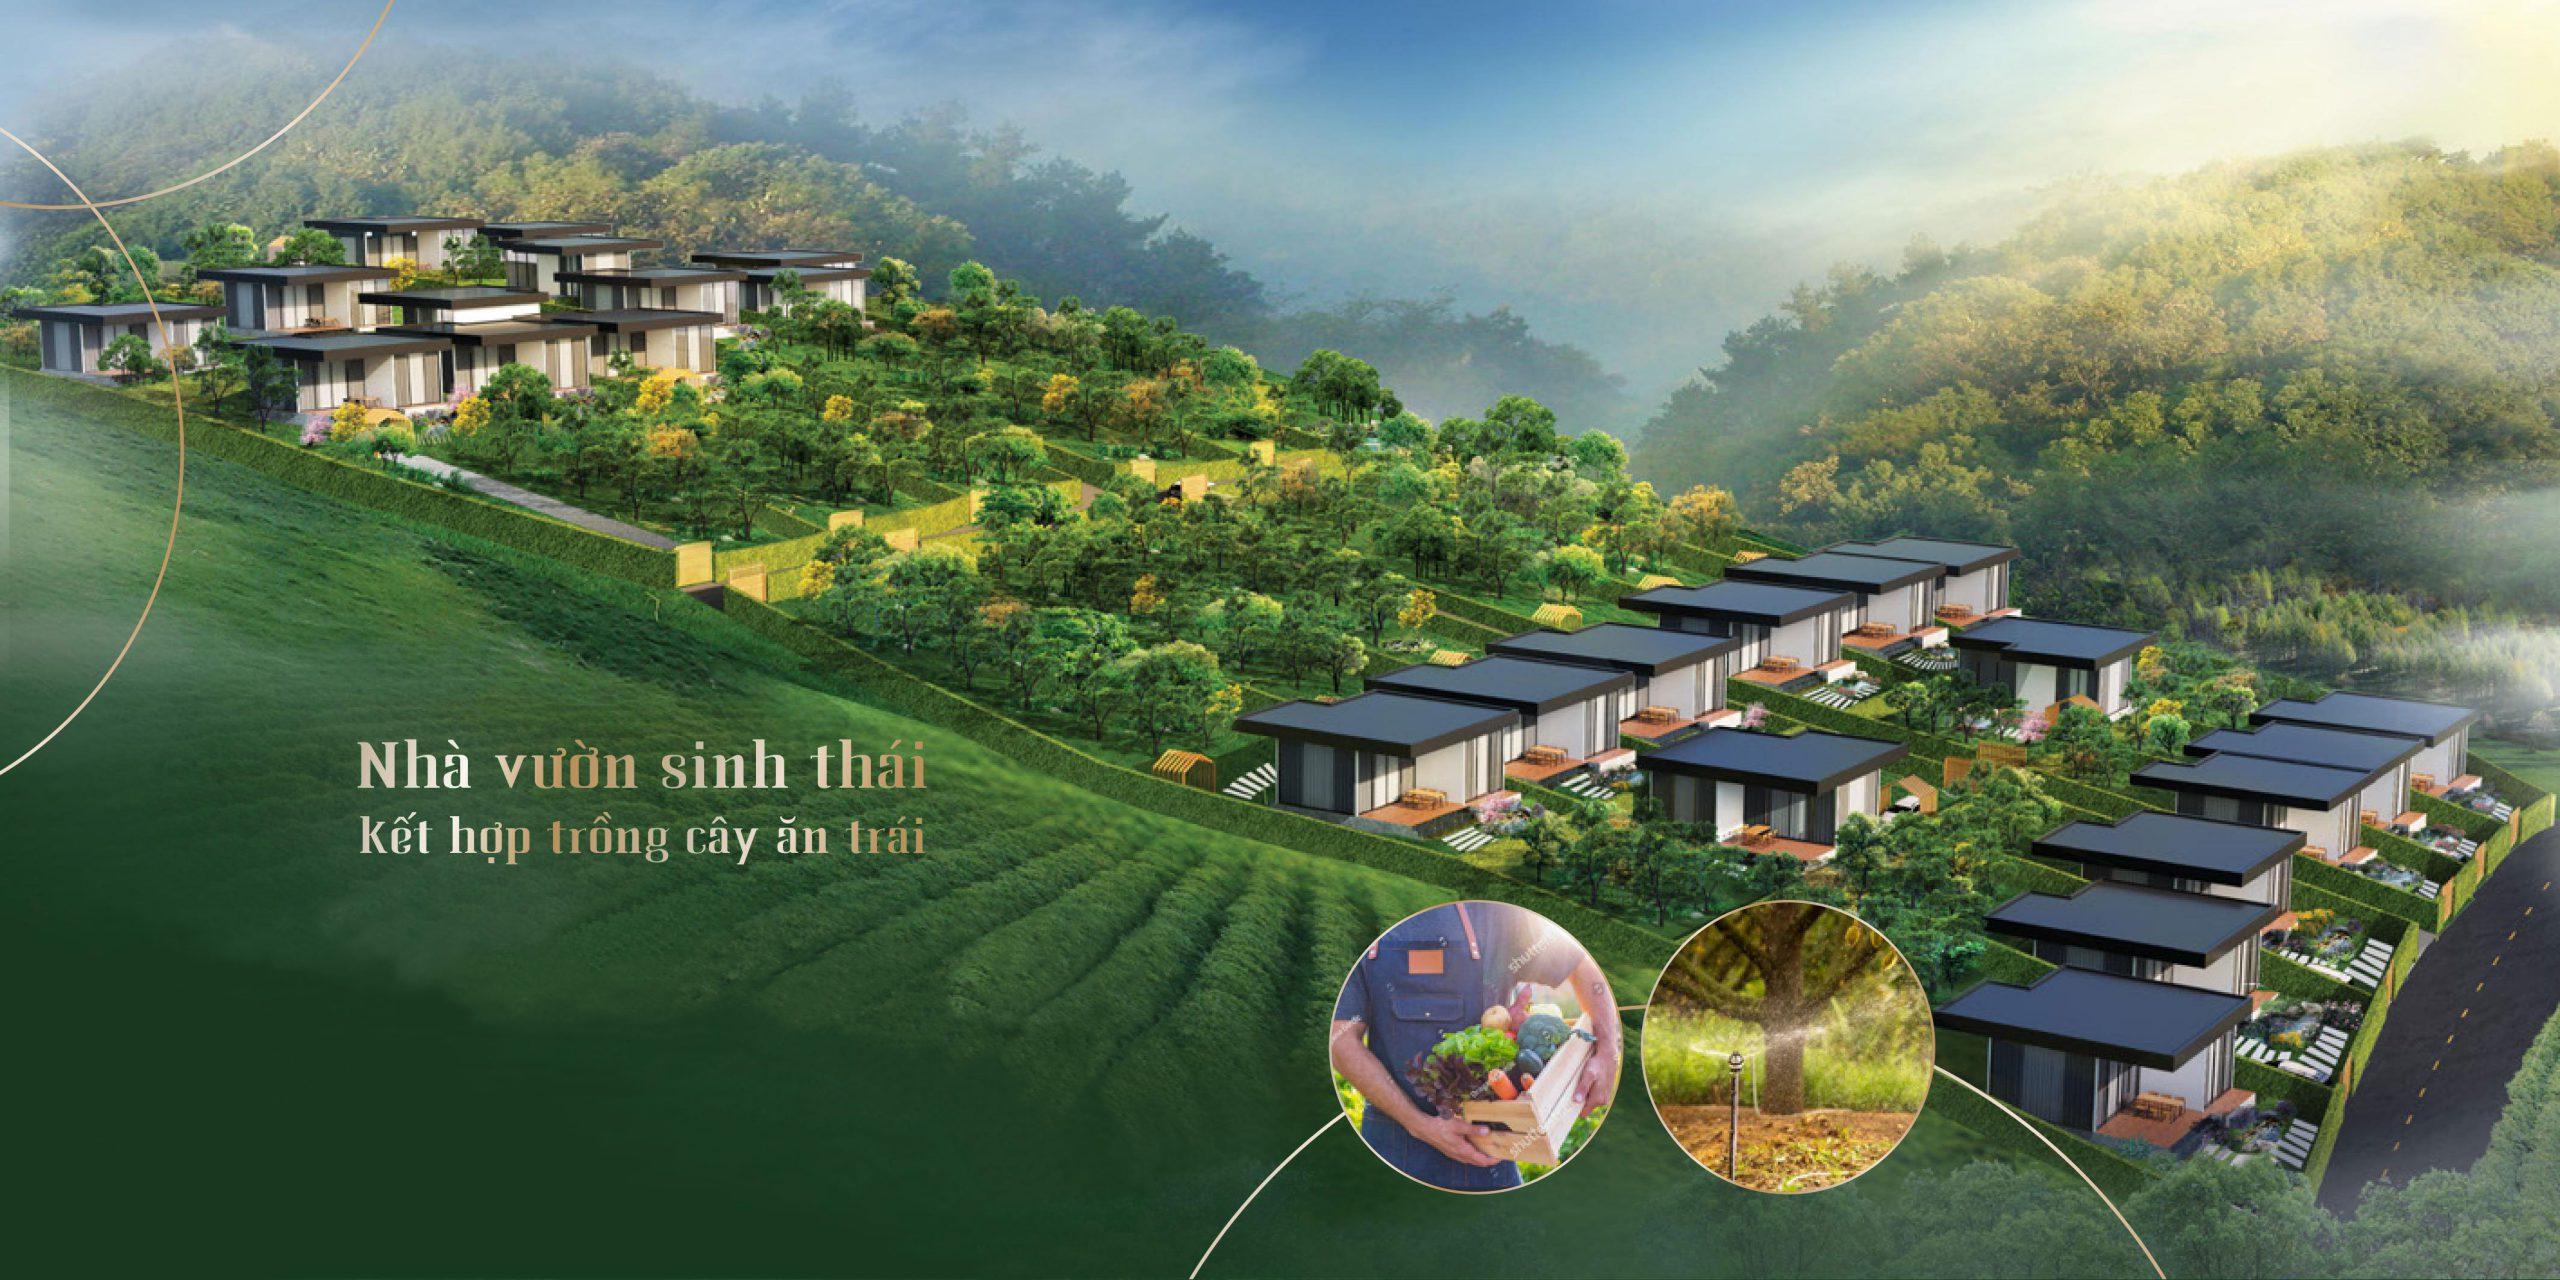 Nhà vườn The Green Farmhouses Lâm Hà